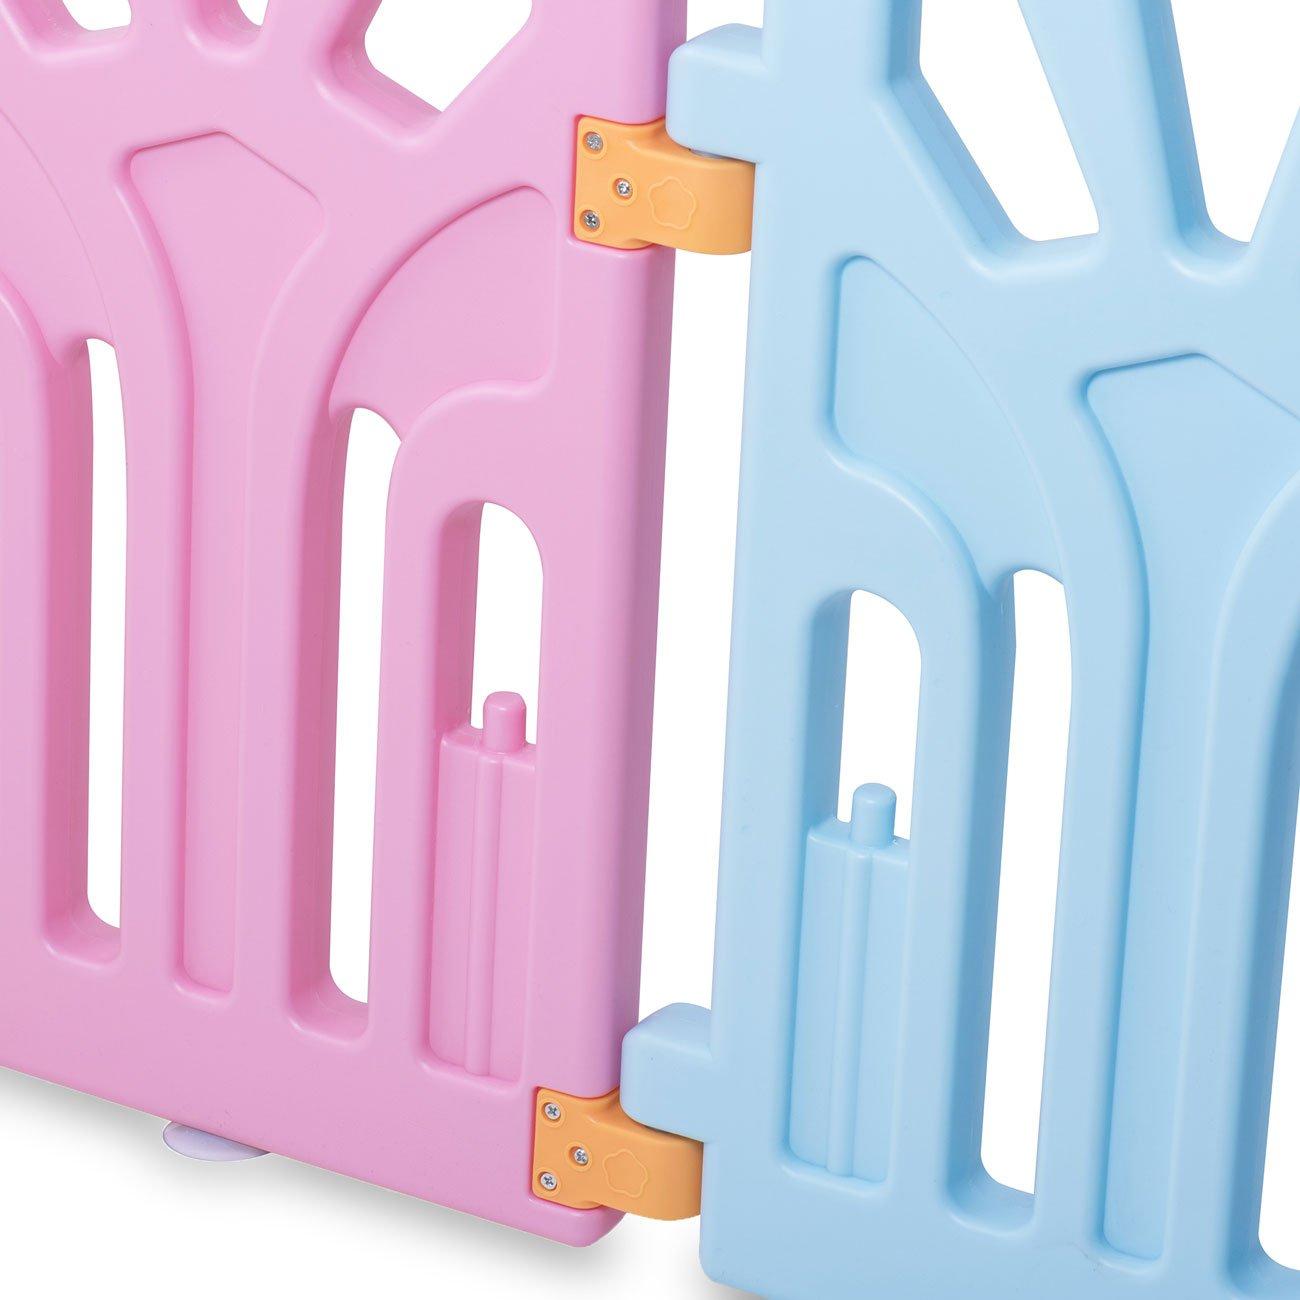 Baby Vivo Laufgitter Laufstall Zusatzpaket Baby Absperrgitter Krabbelgitter Schutzgitter Laufgitter aus Kunststoff mit T/ür